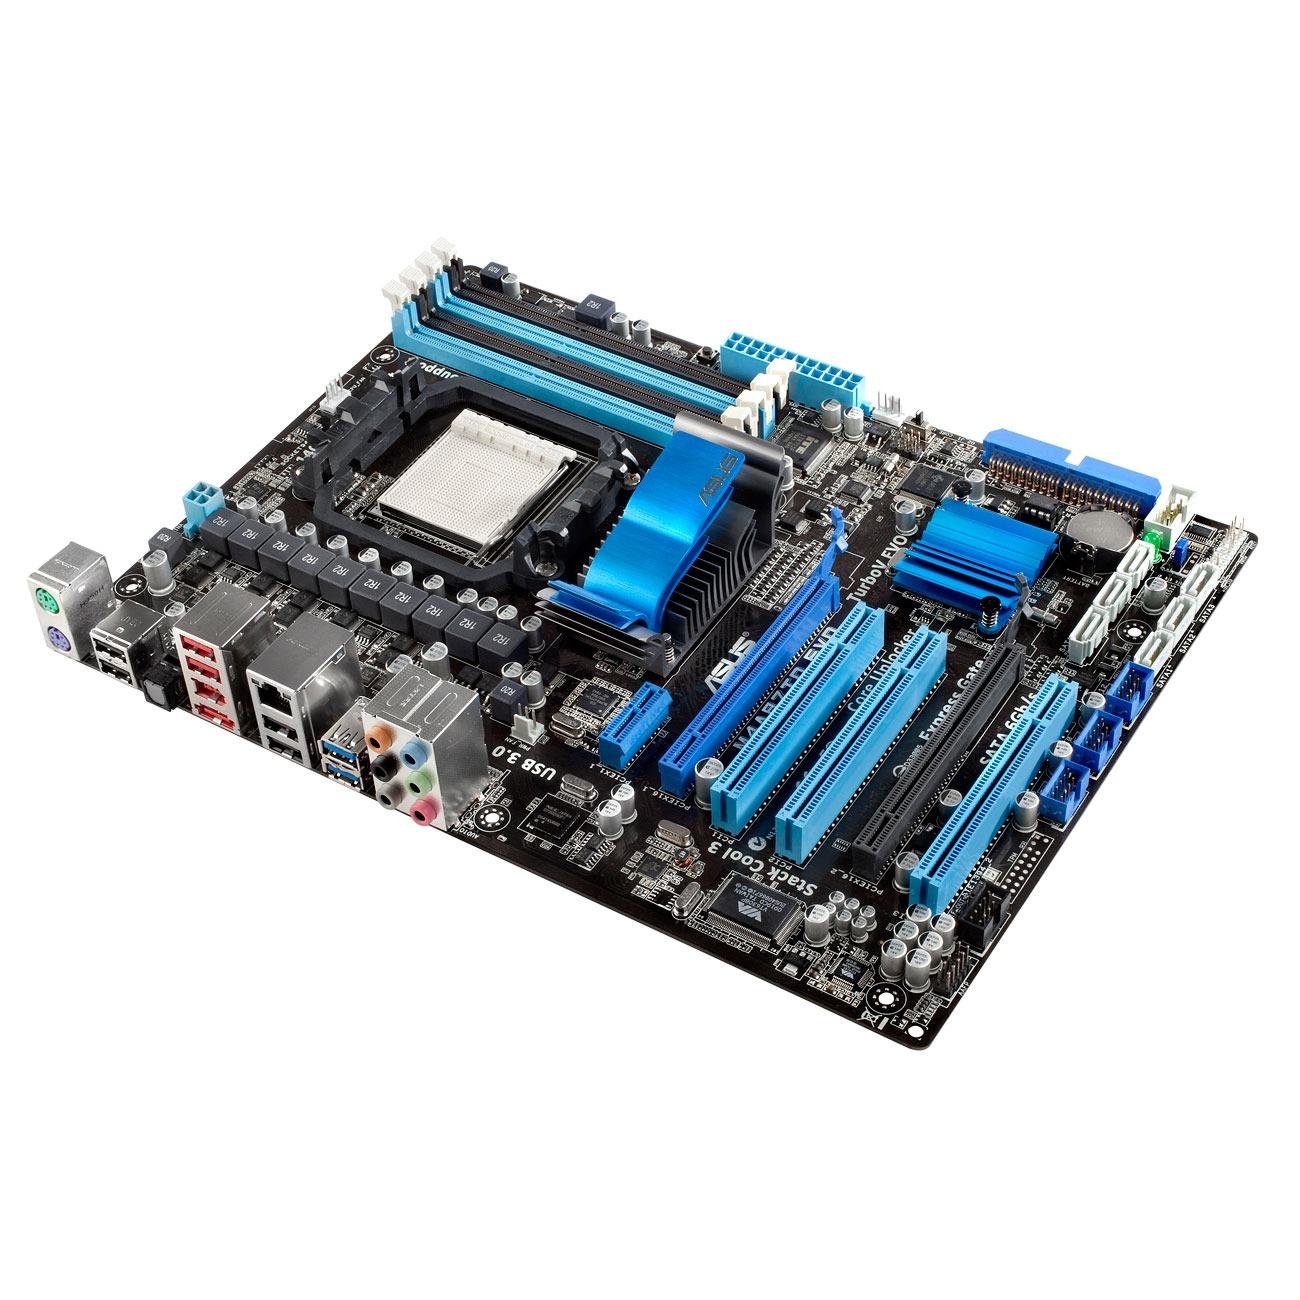 Carte mère ASUS M4A87TD-EVO Carte mère ATX Socket AM3 AMD 870